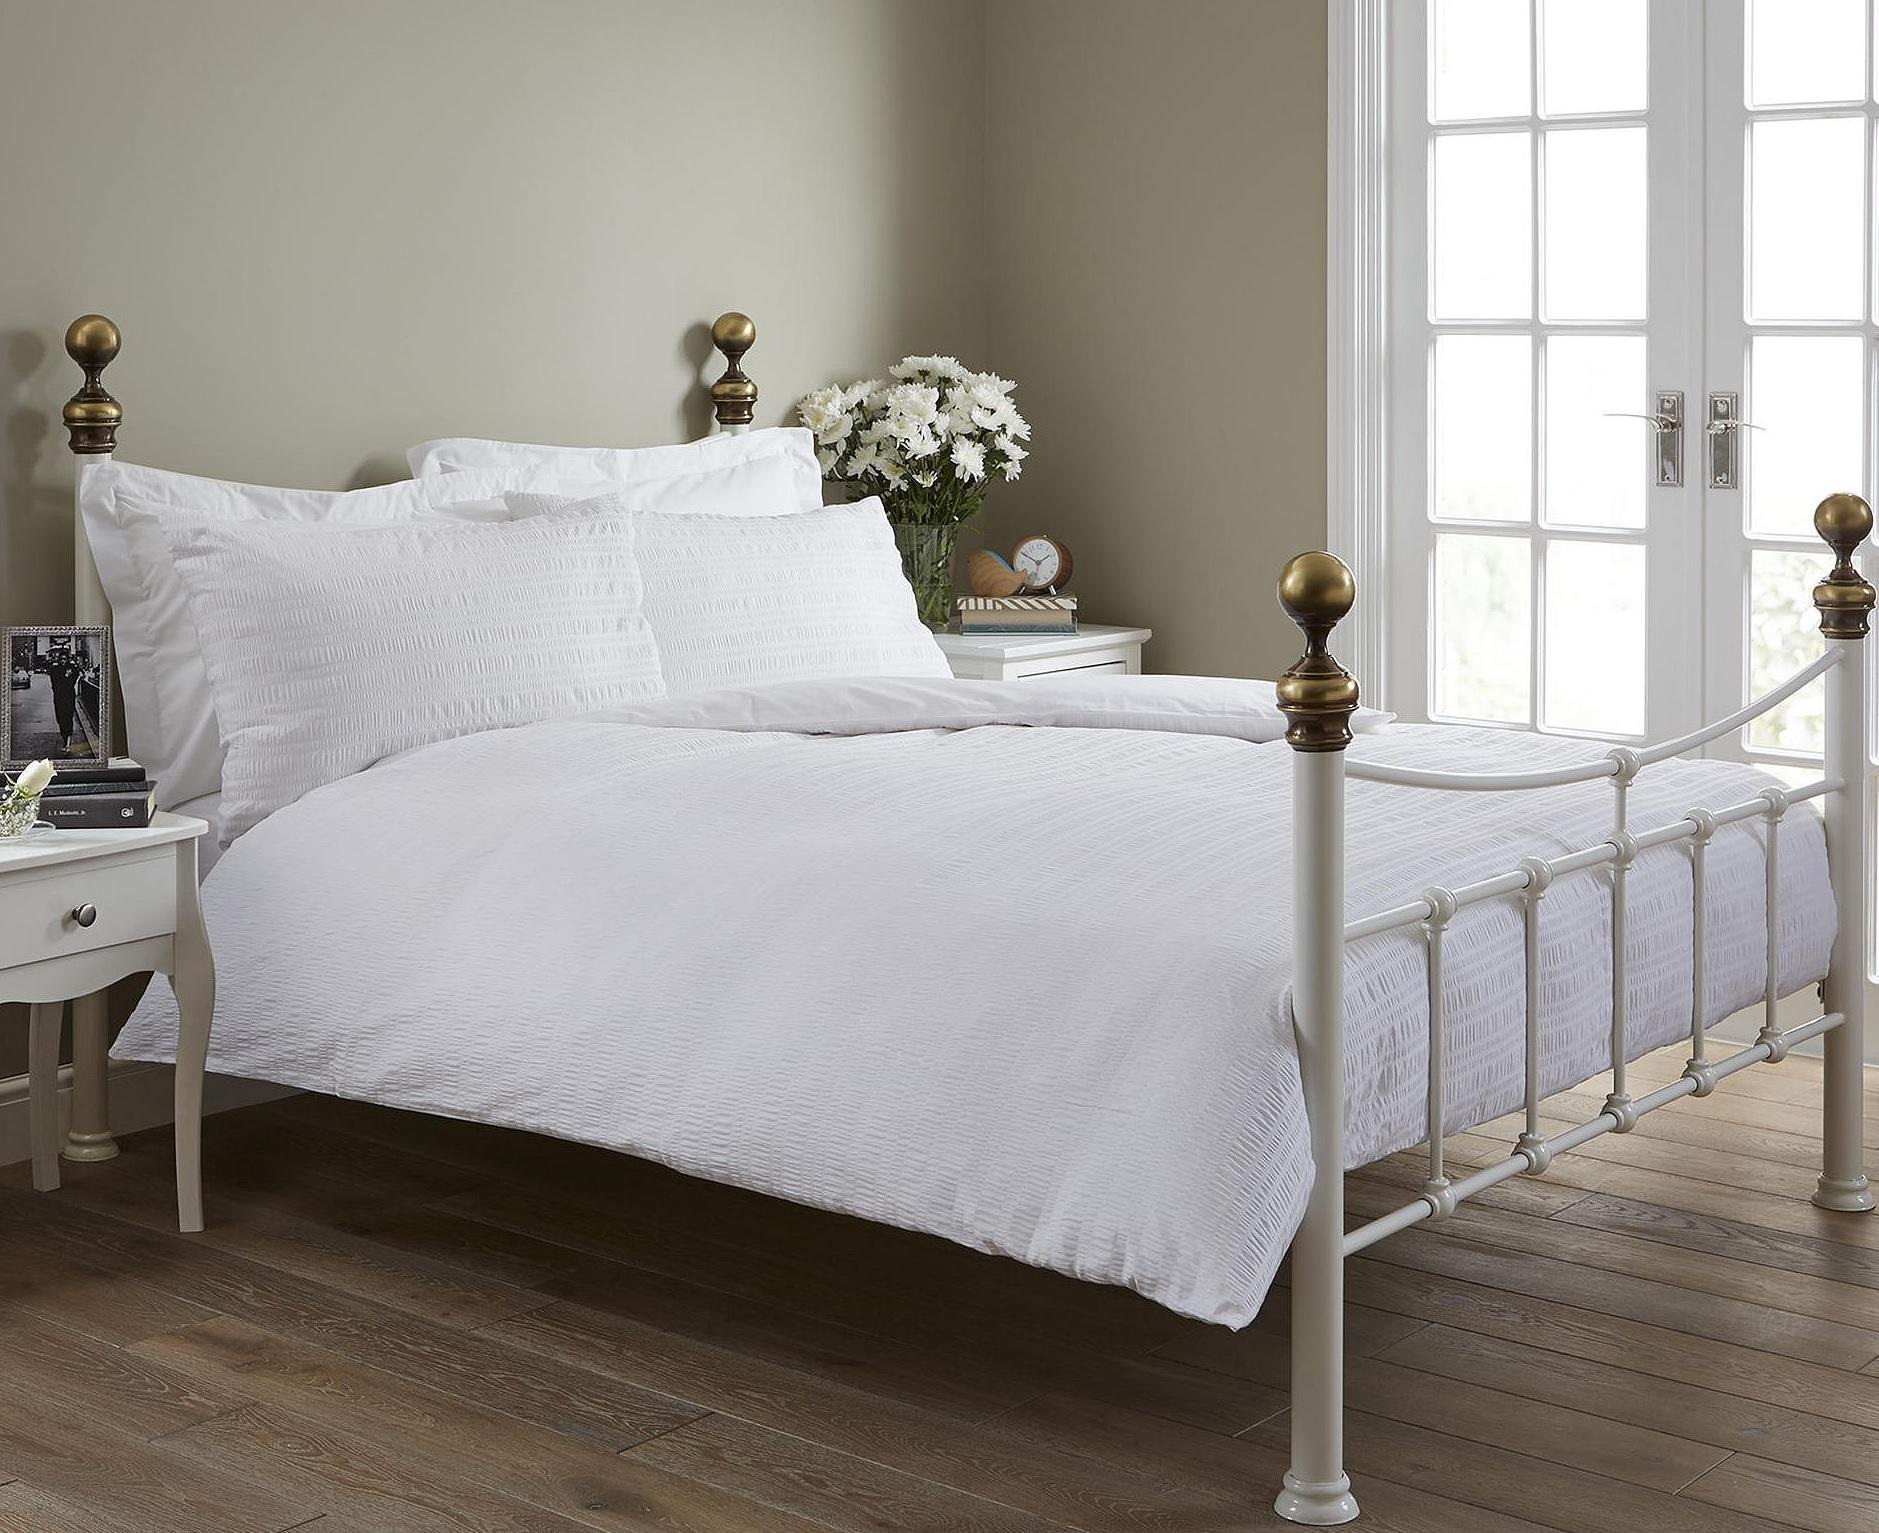 new tesco seersucker white duvet cover two pillowcases. Black Bedroom Furniture Sets. Home Design Ideas